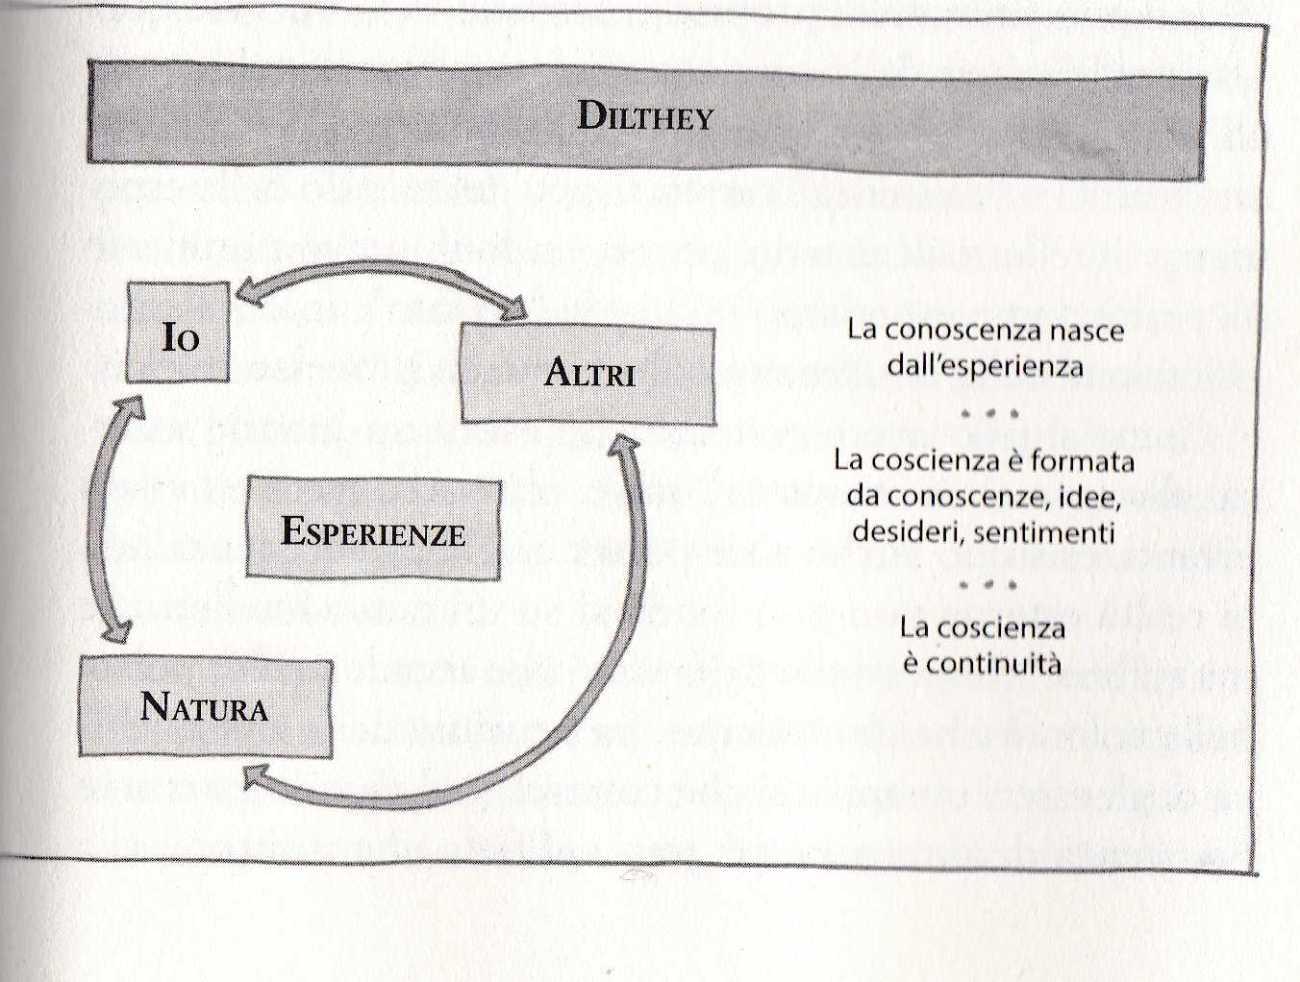 CARTESIO DILTHEY1608